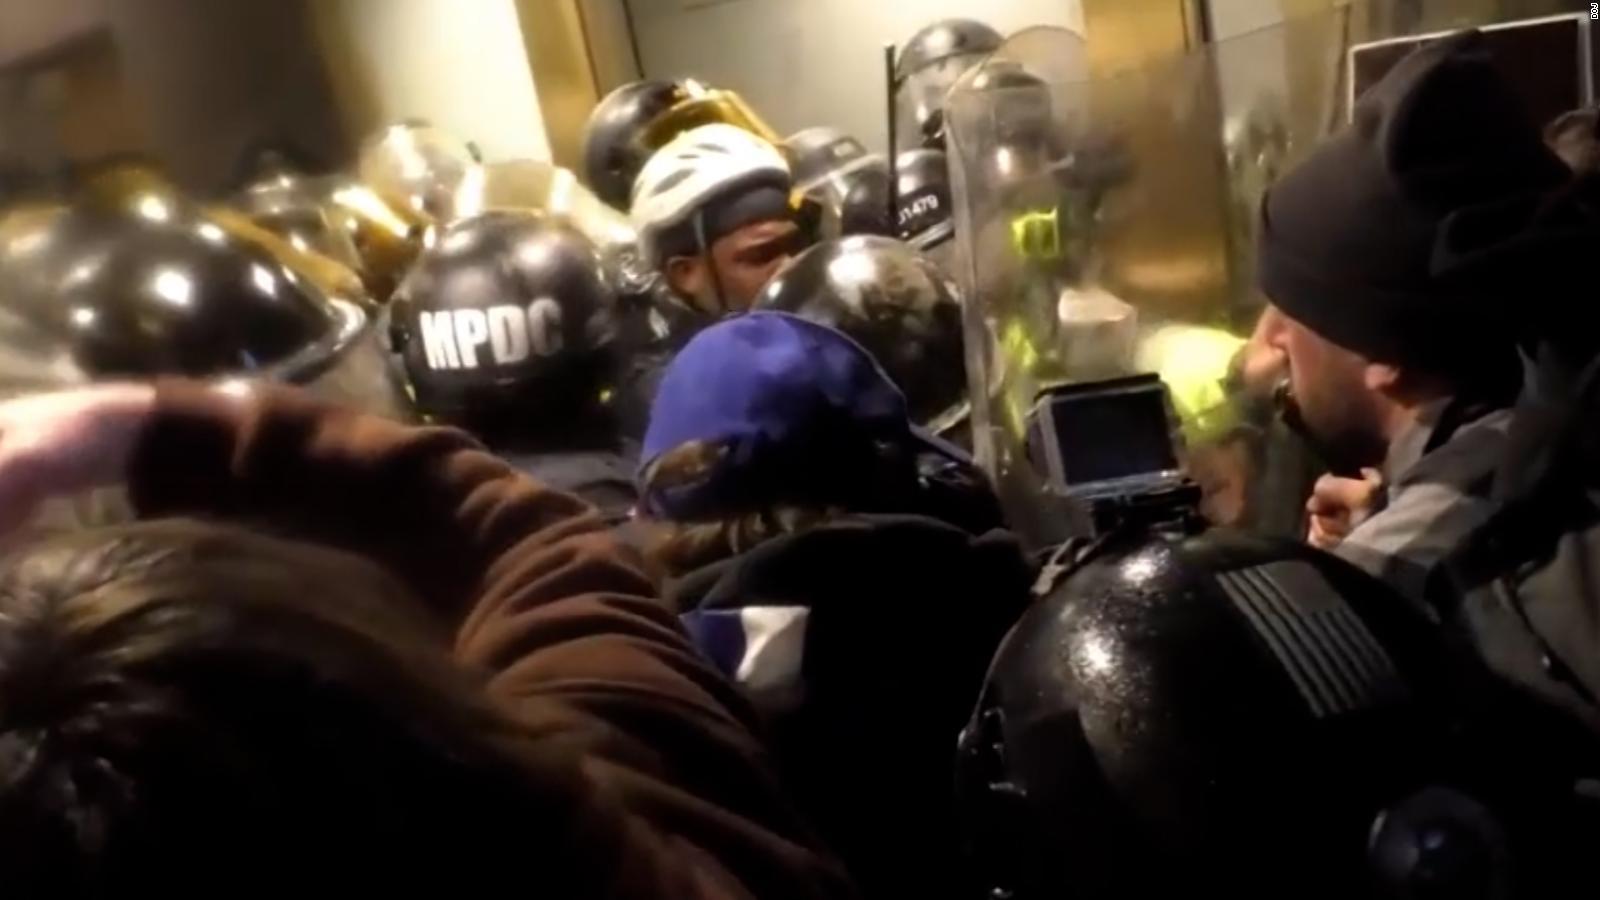 Nuevo video muestra a joven de 23 años participando en el asalto al Capitolio: «No estoy haciendo nada»